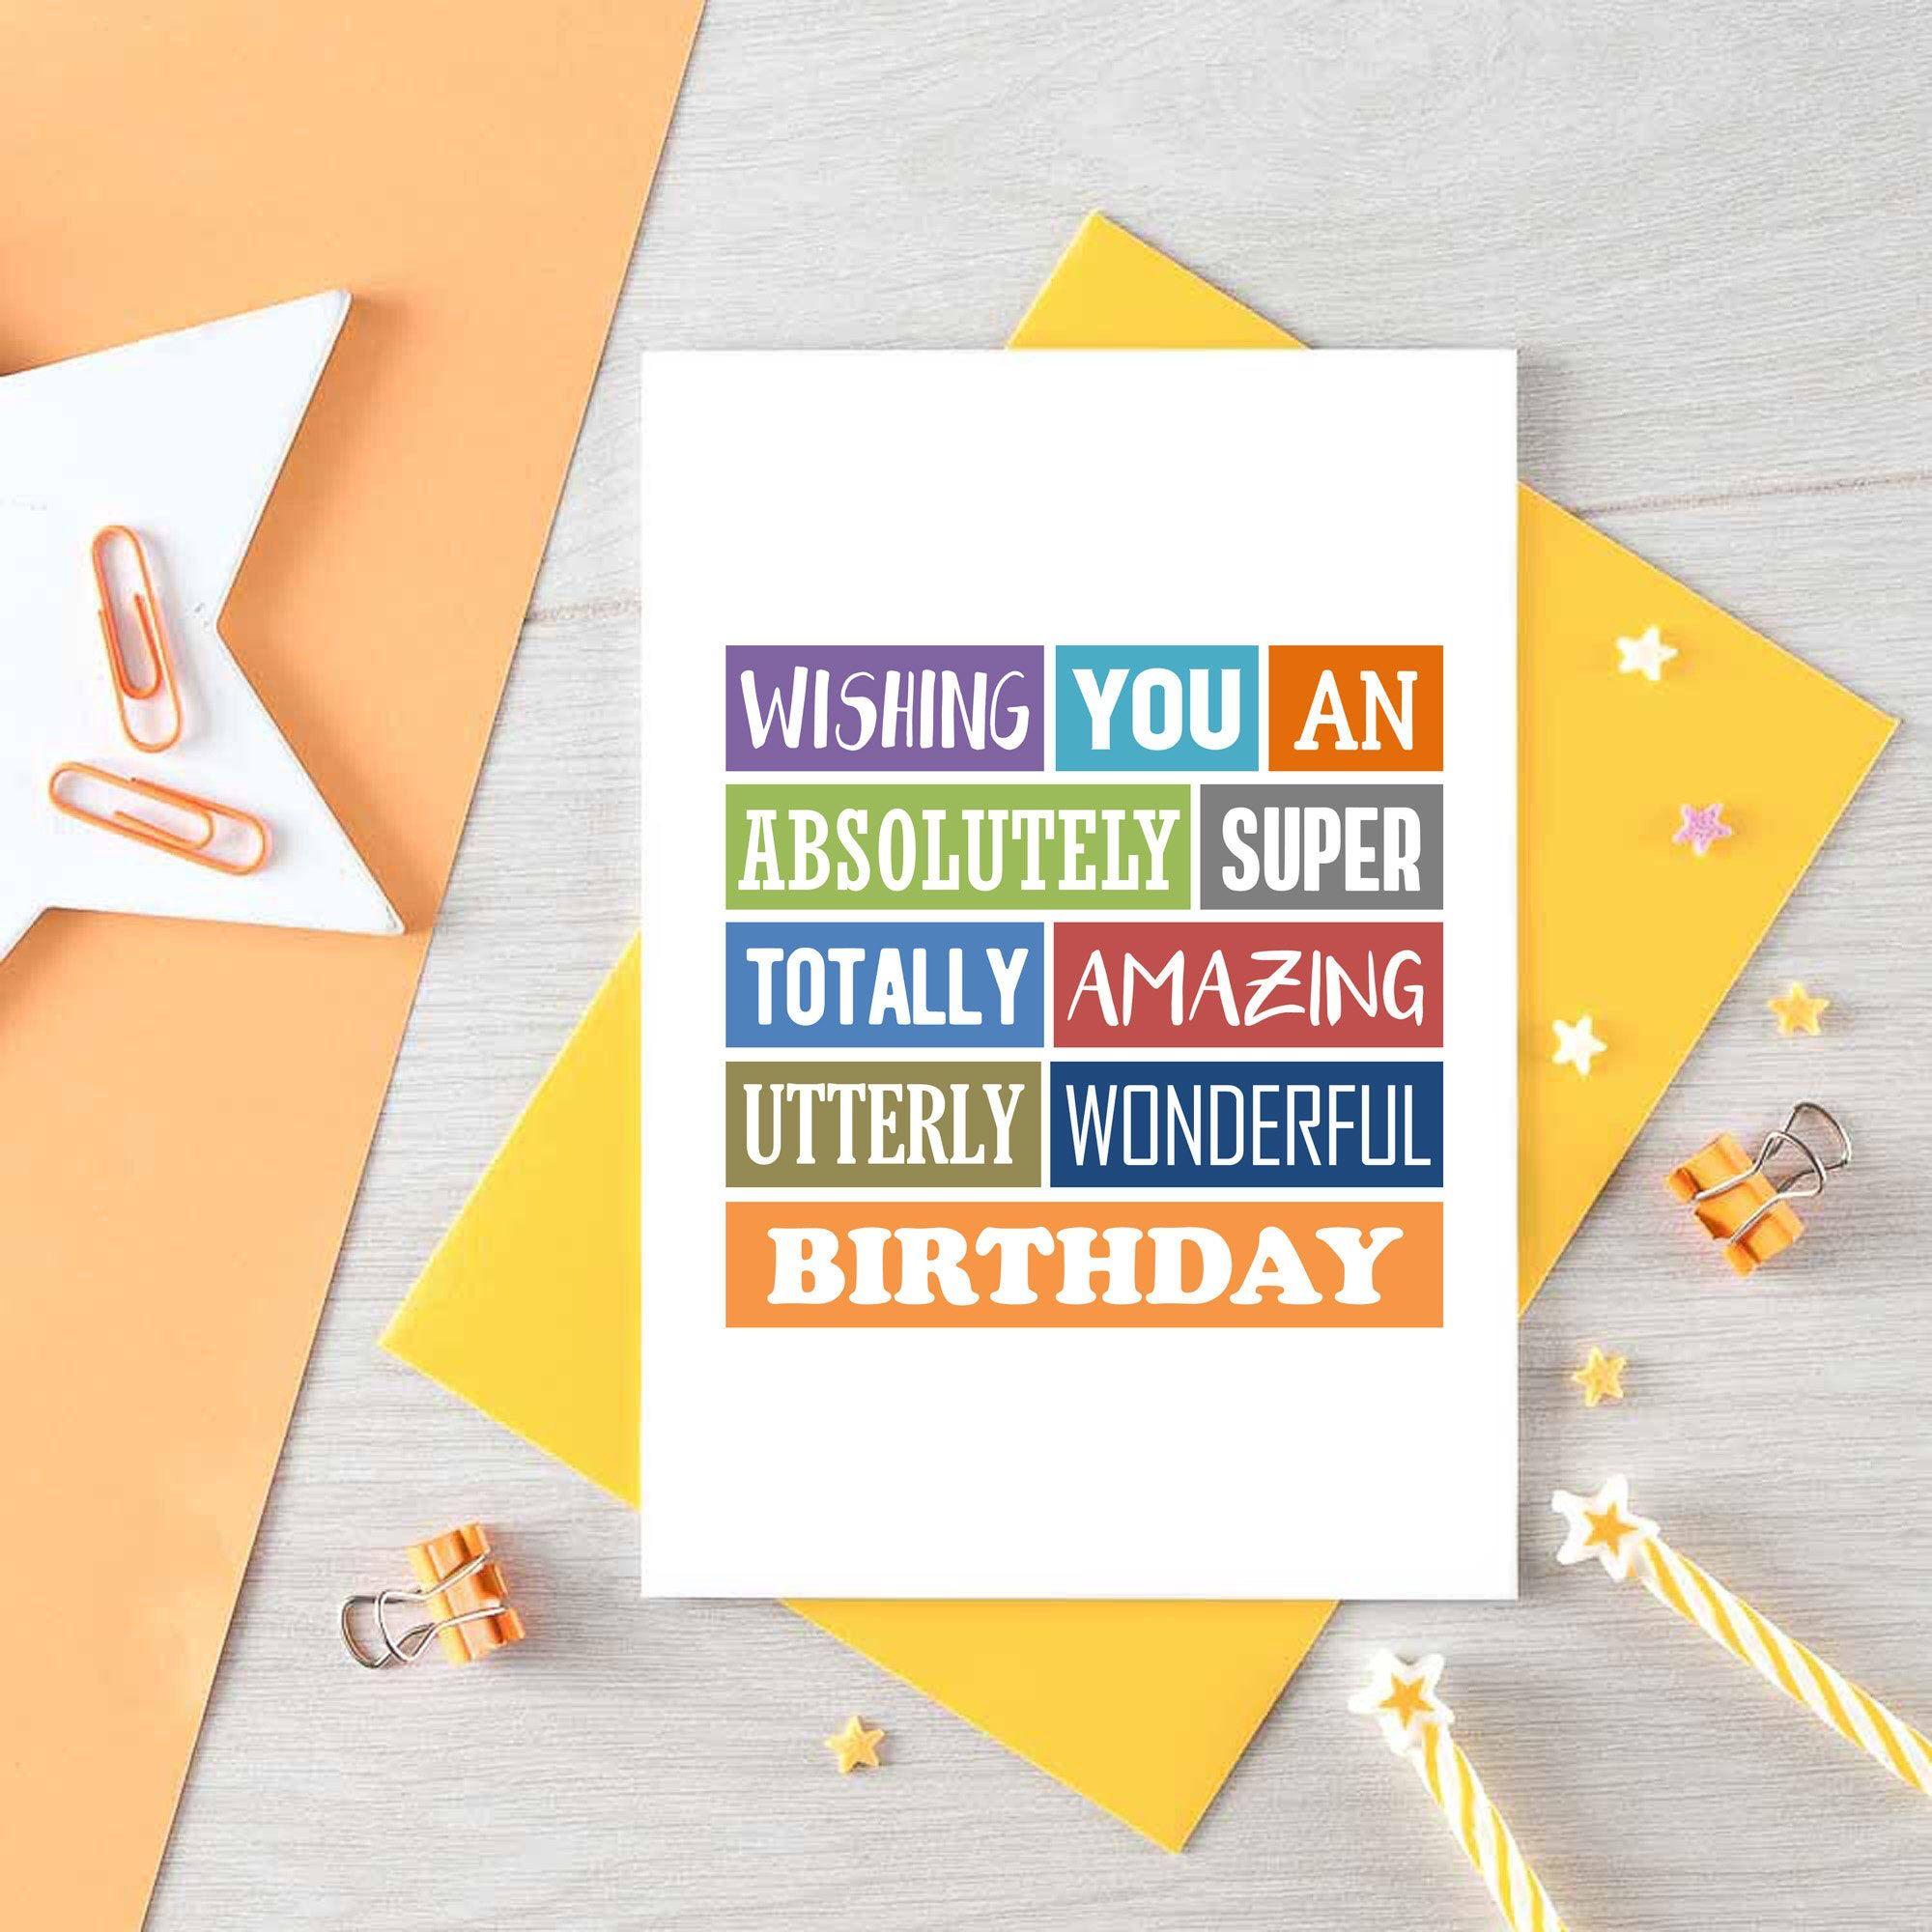 Fun Birthday Card For Friend Birthday Greetings Cute Etsy Birthday Cards For Boys Birthday Cards For Friends Kids Birthday Cards